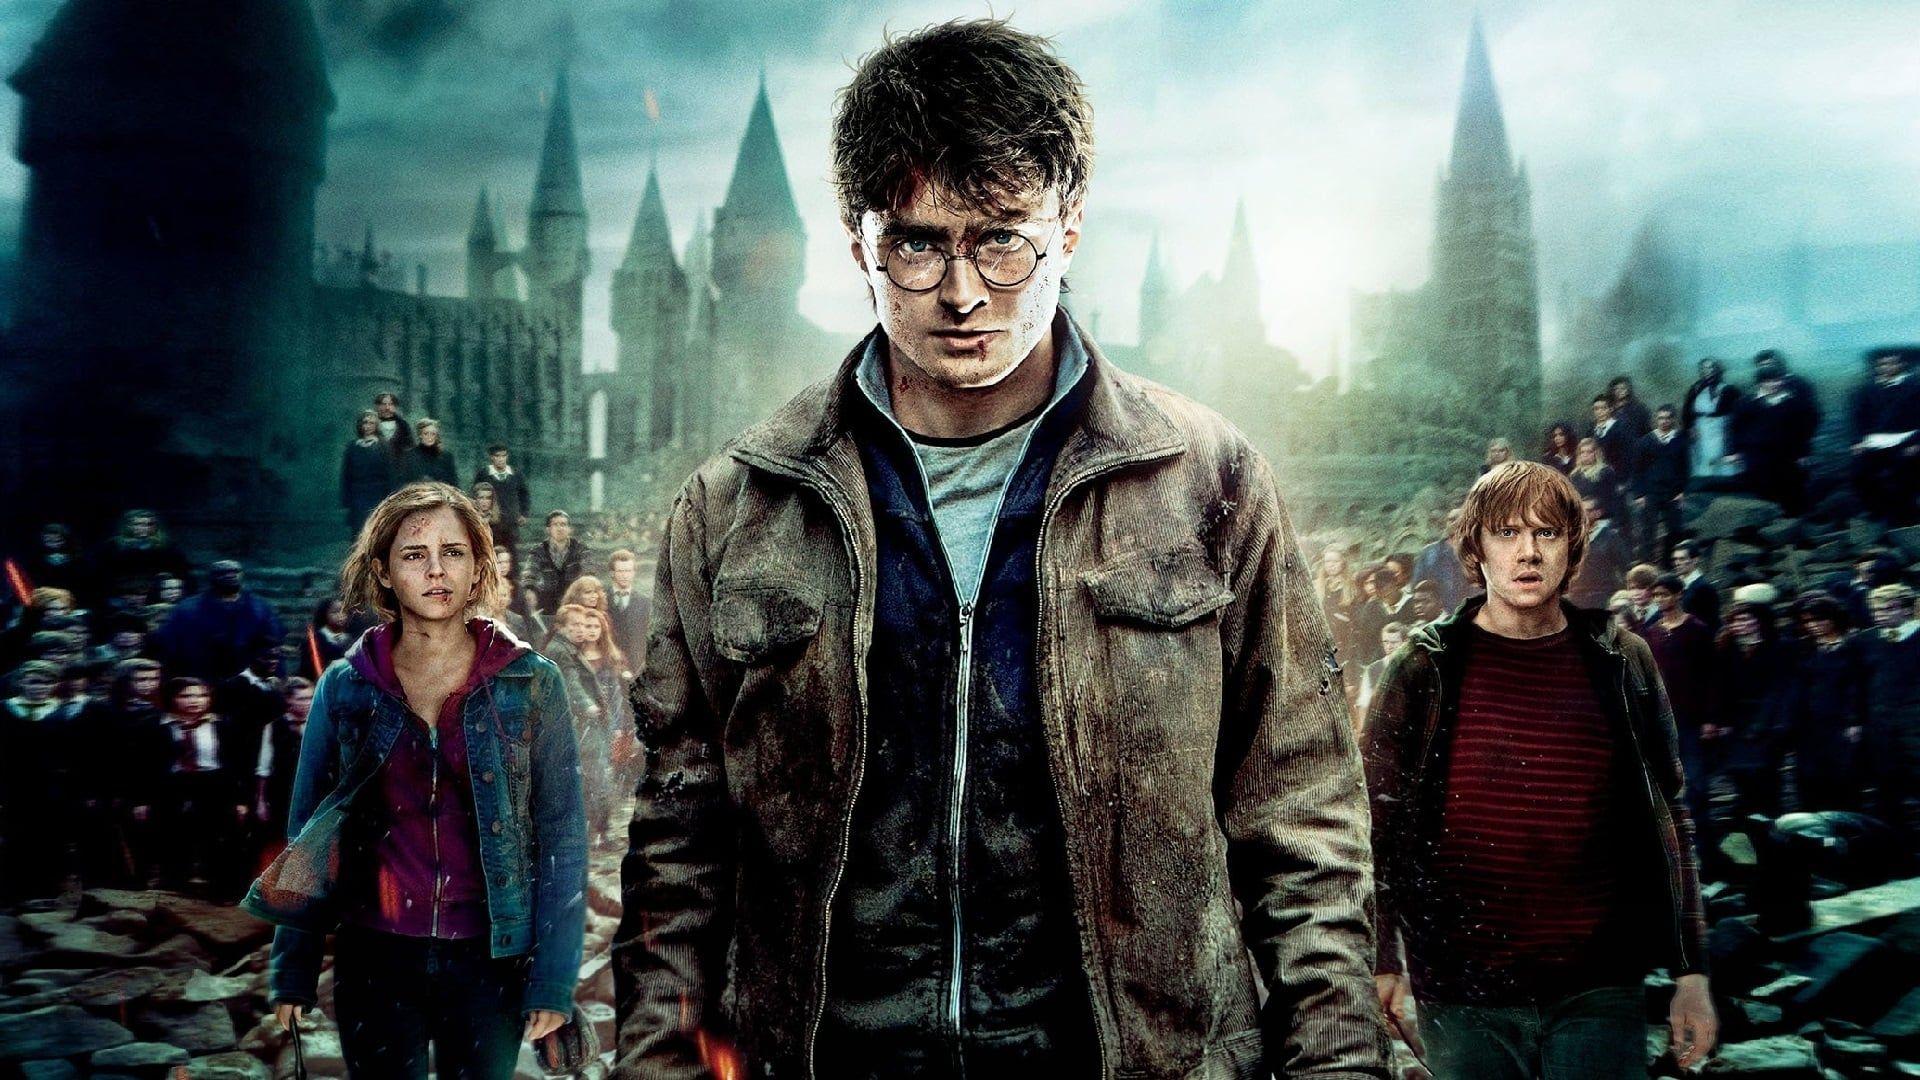 Harry Potter En De Relieken Van De Dood Deel 2 2011 Putlocker Film Complet Streaming Het Tweede Deel Harry Potter Movies Deathly Hallows Part 2 Harry Potter